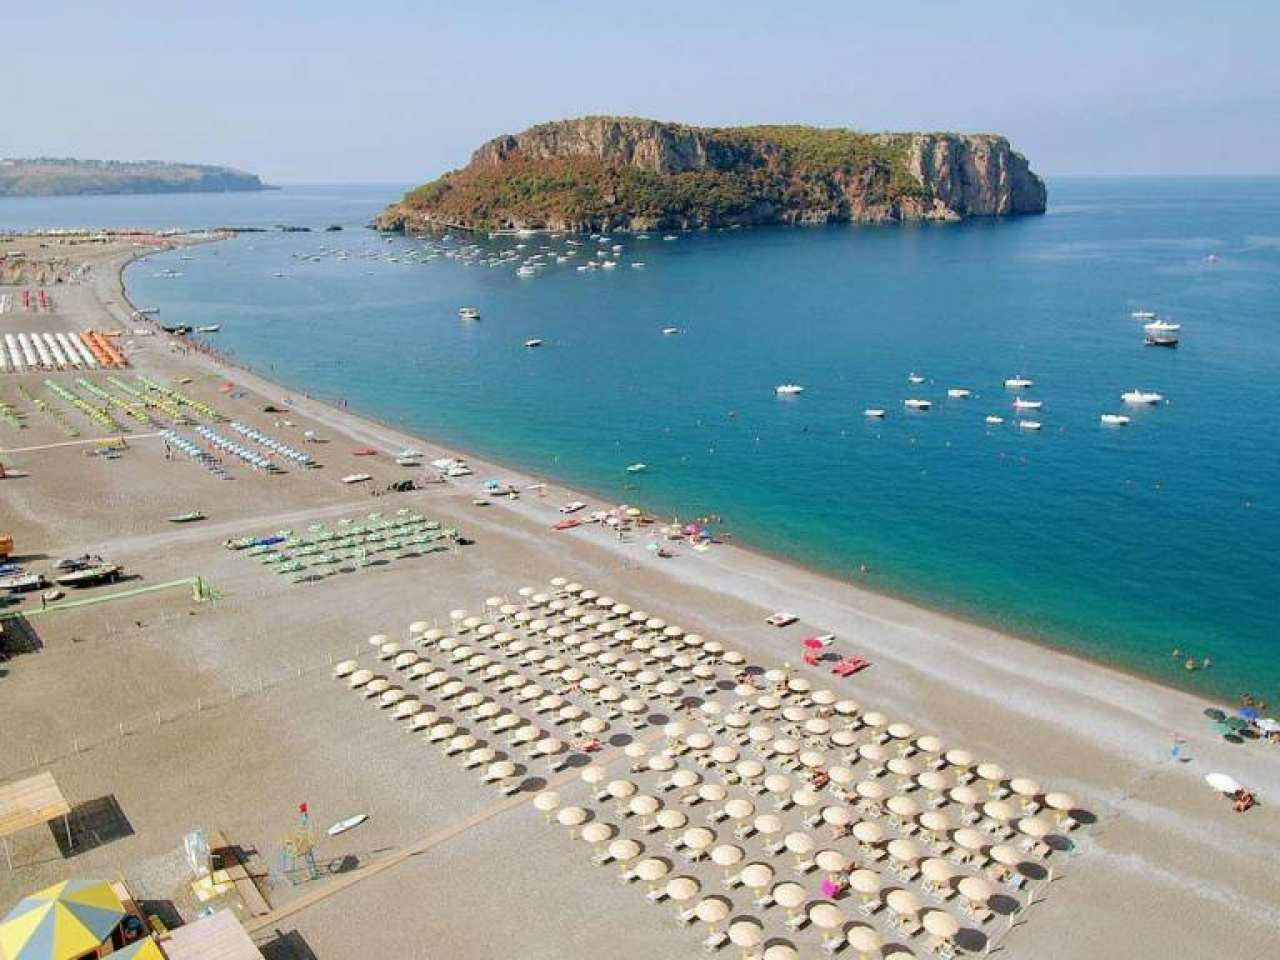 Praia a Mare'nin ünü sadece muhteşem denizi ve plajı değil mağaraların da yer aldığı Dino adasından da geliyor.